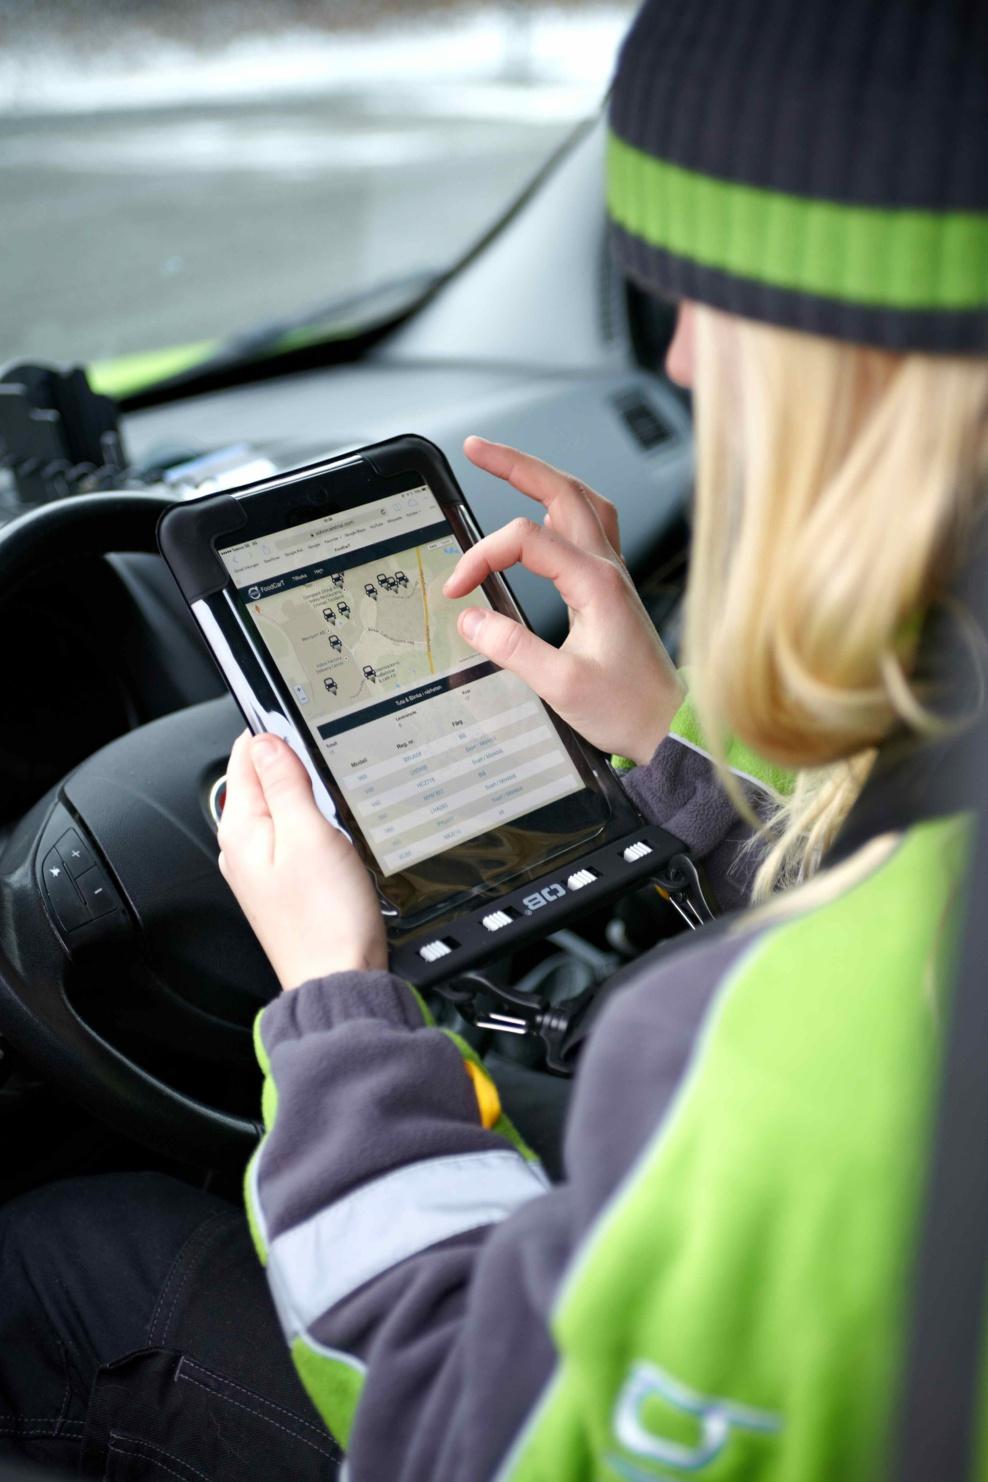 La livraison de vos achats directement dans votre voiture avec Volvo